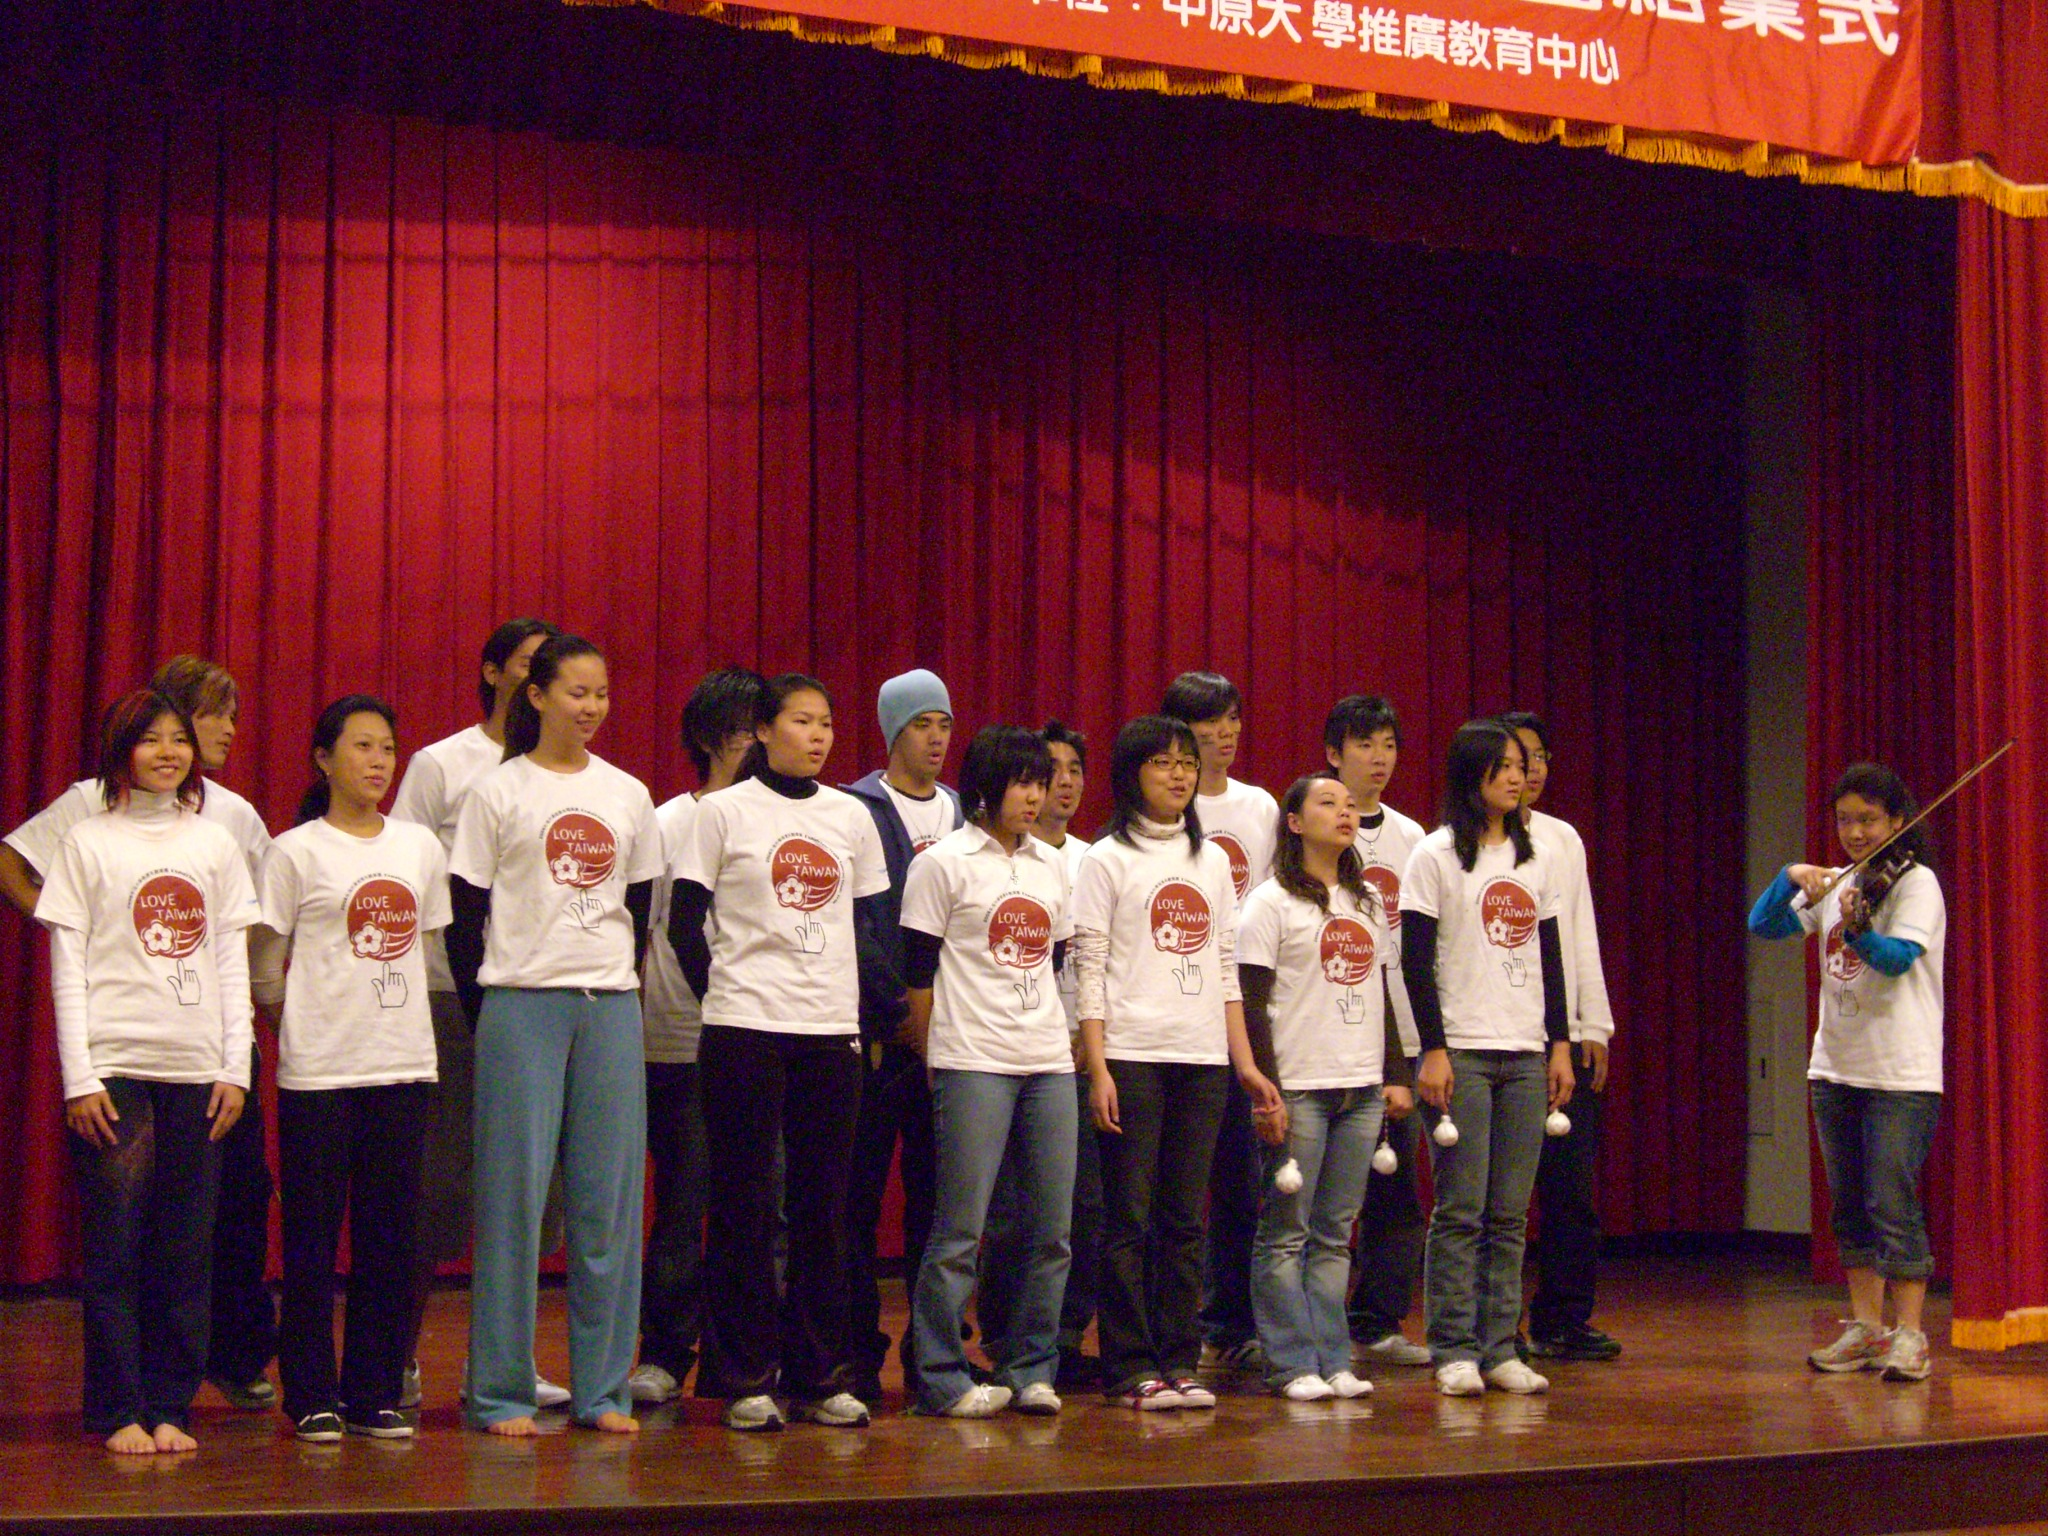 中原辦理「海外華裔青年台灣觀摩團」 21天體驗台灣之美